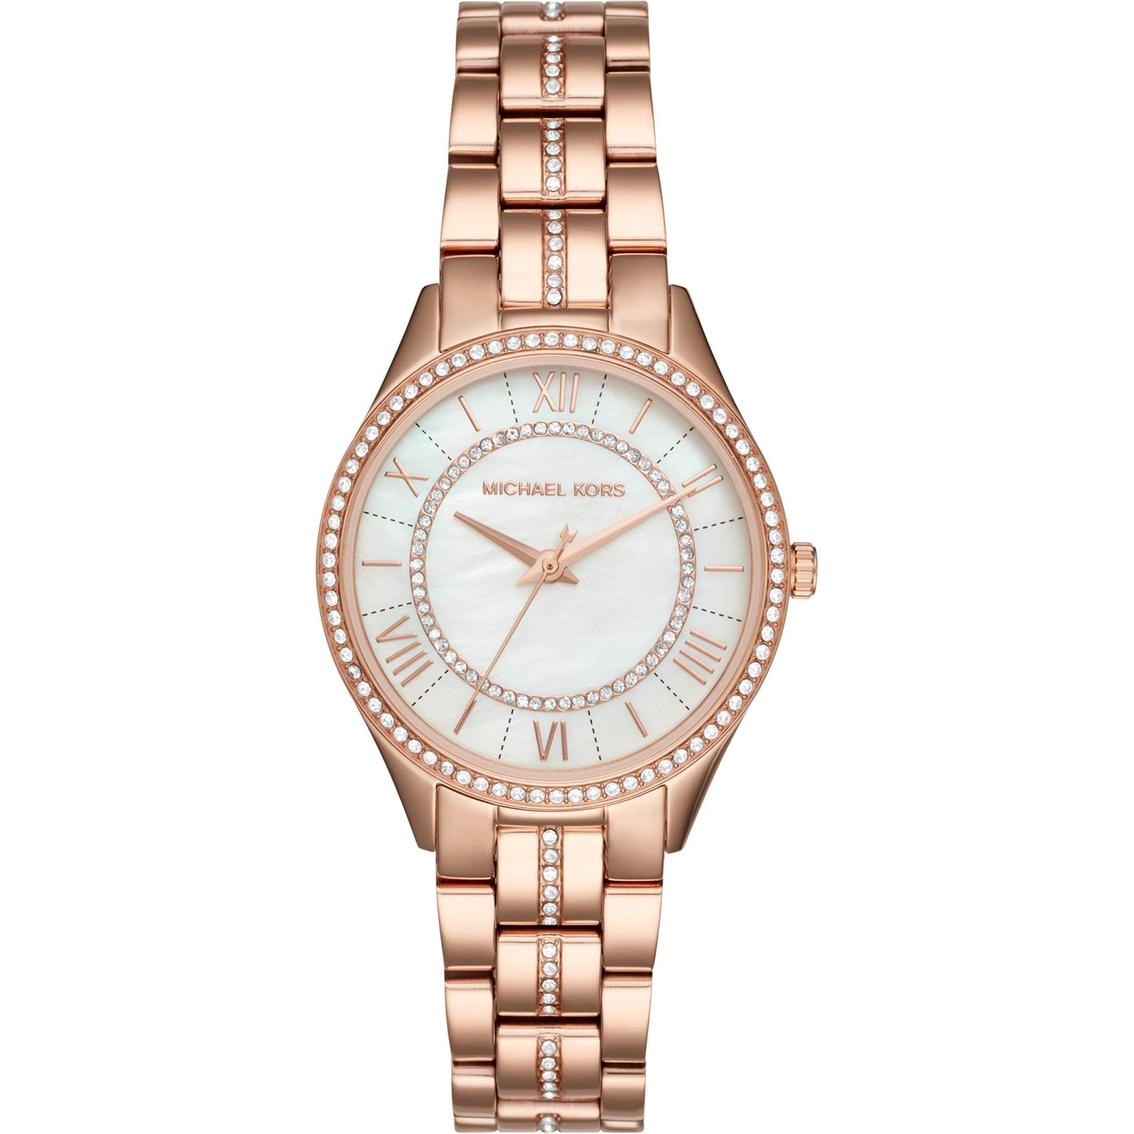 539faaf75efa Michael Kors Lauryn Rose Goldtone Three Hand Watch 33mm Mk3716 ...